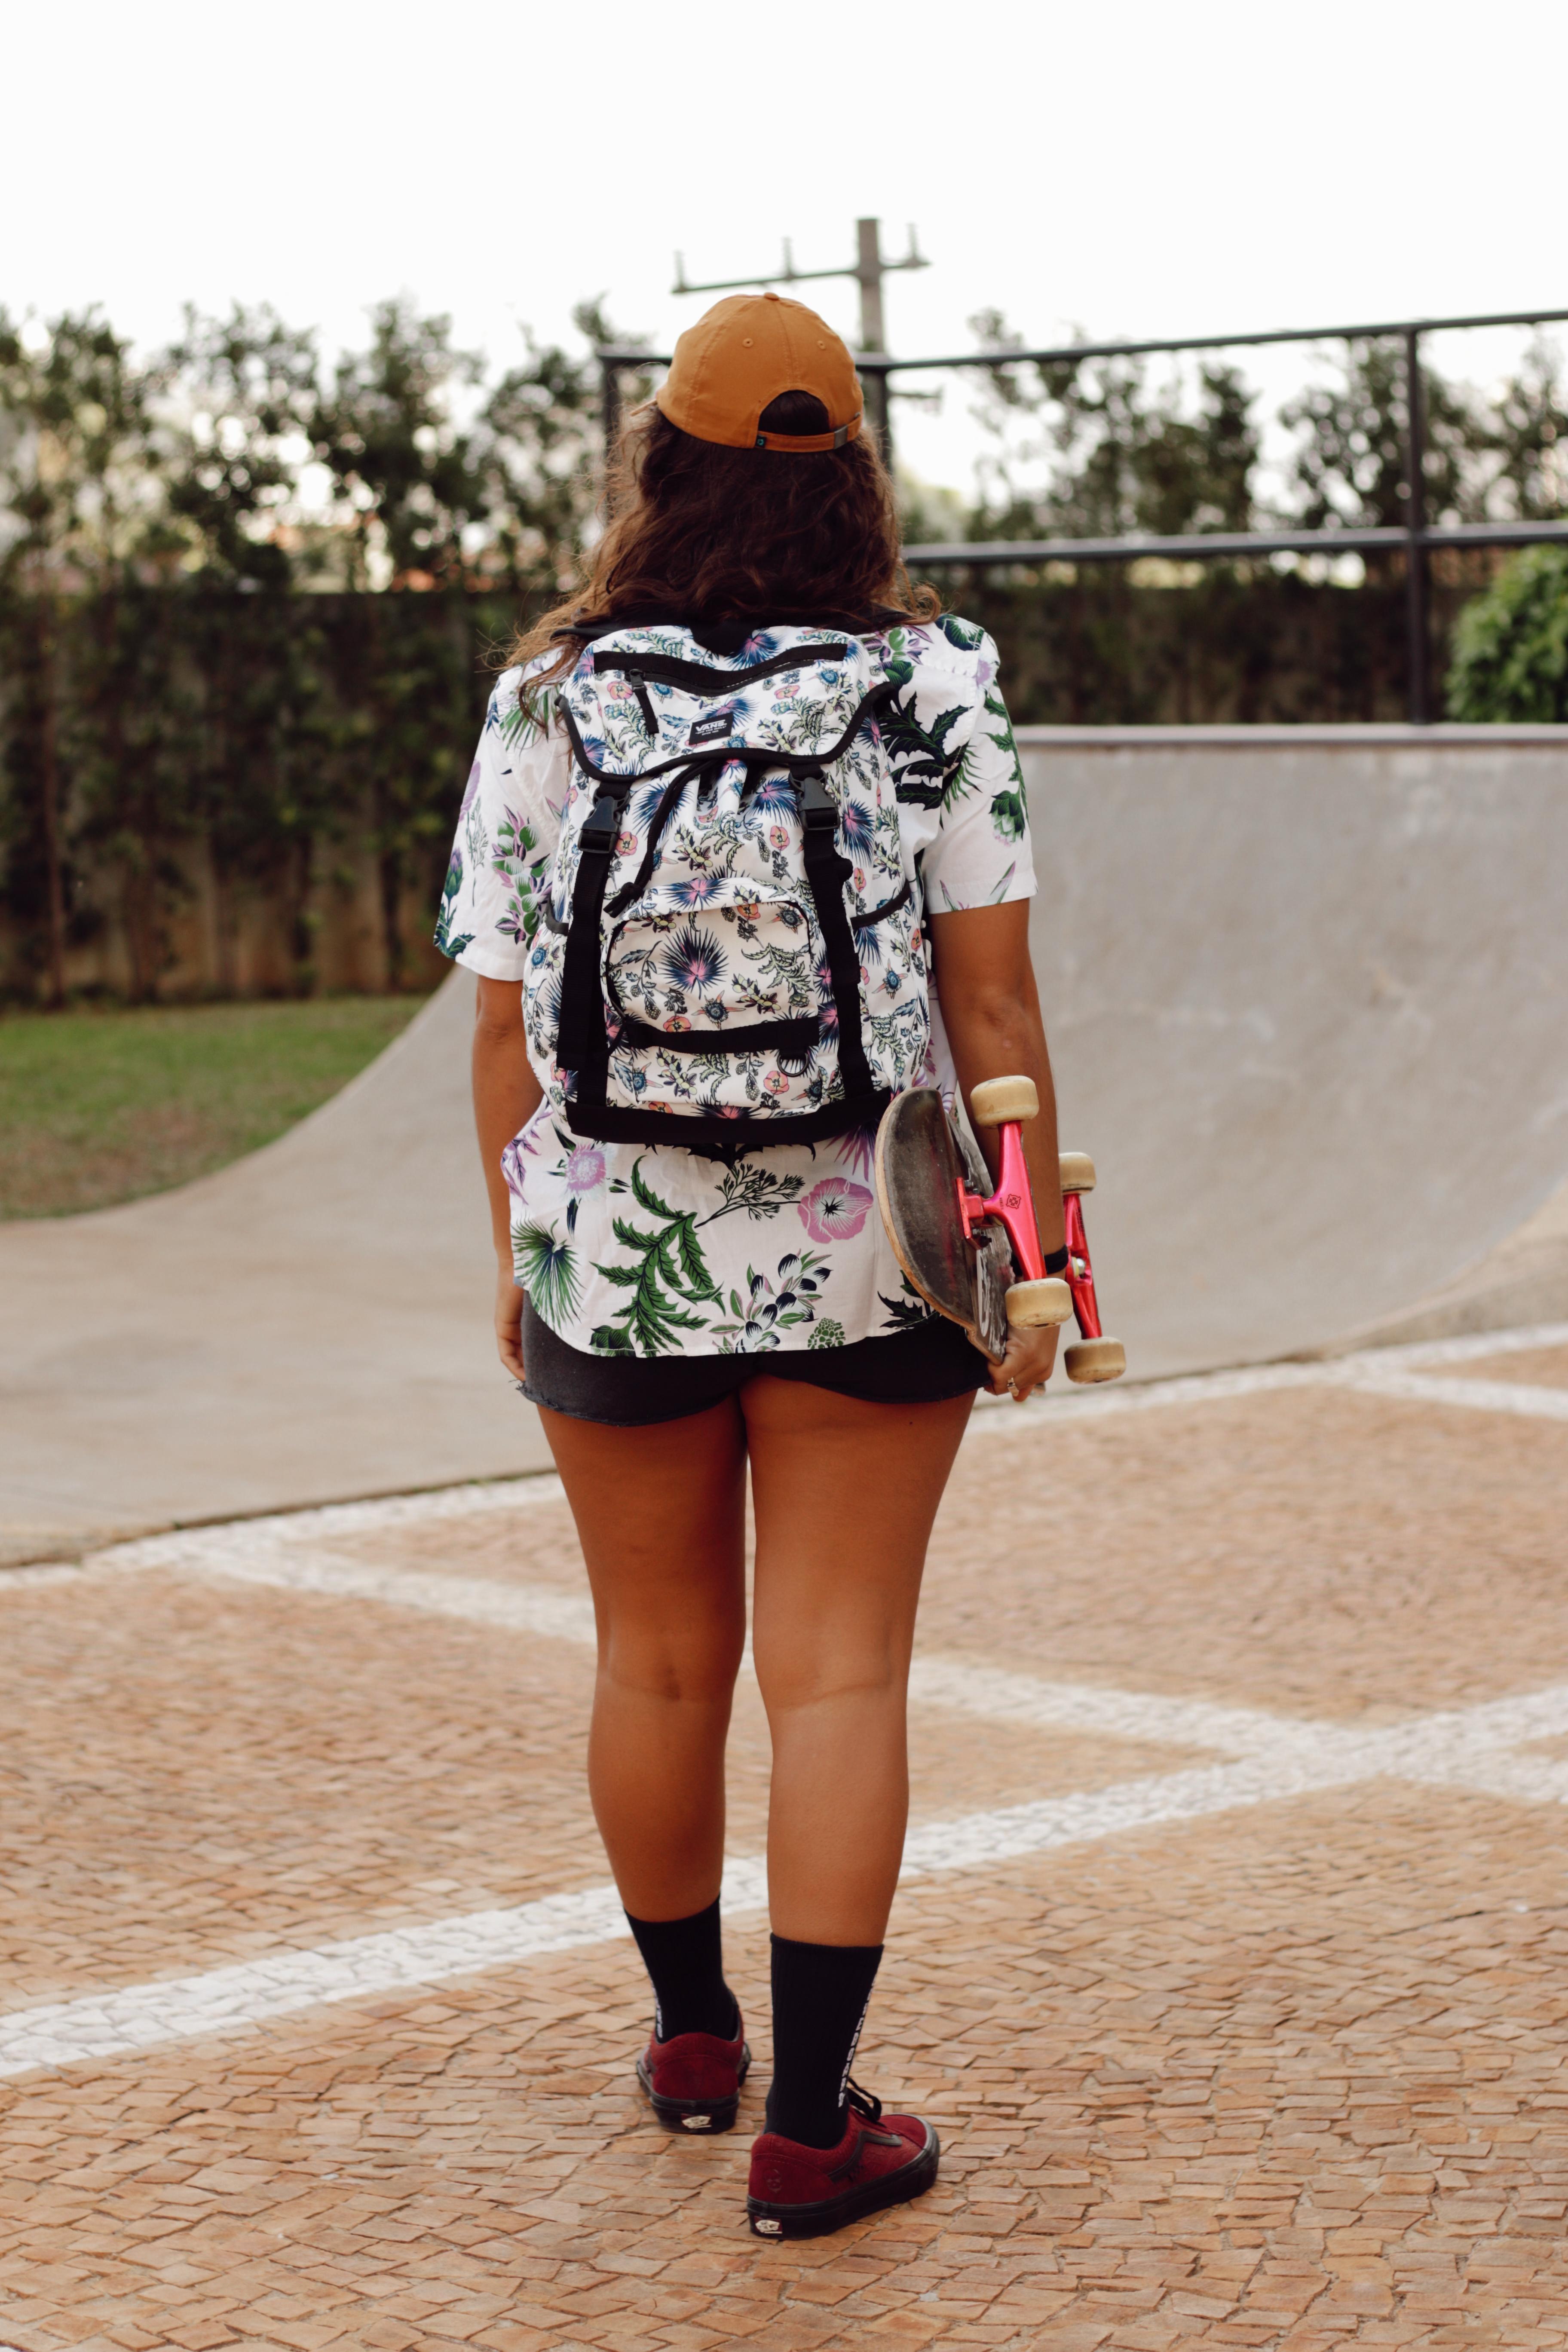 Thais Gazarra de costas, carregando o skate com uma das mãos, usando camisa floral de manga curta, mochila, tênis e meia de cano alto